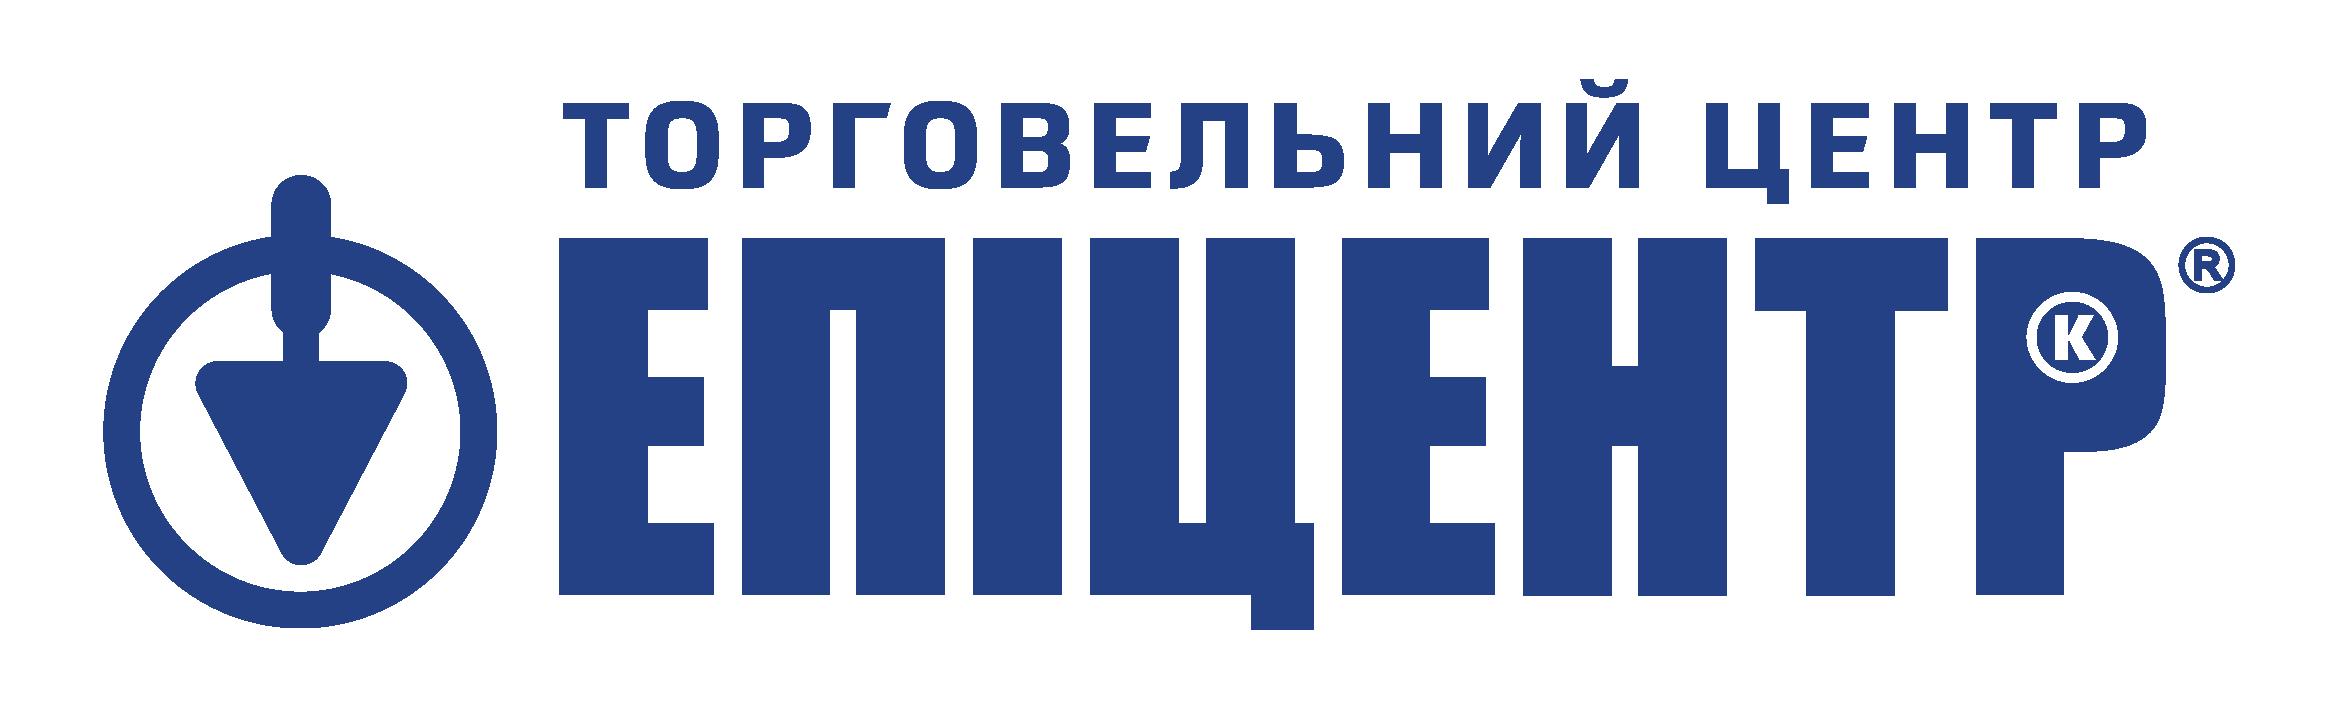 ЭпицентрК